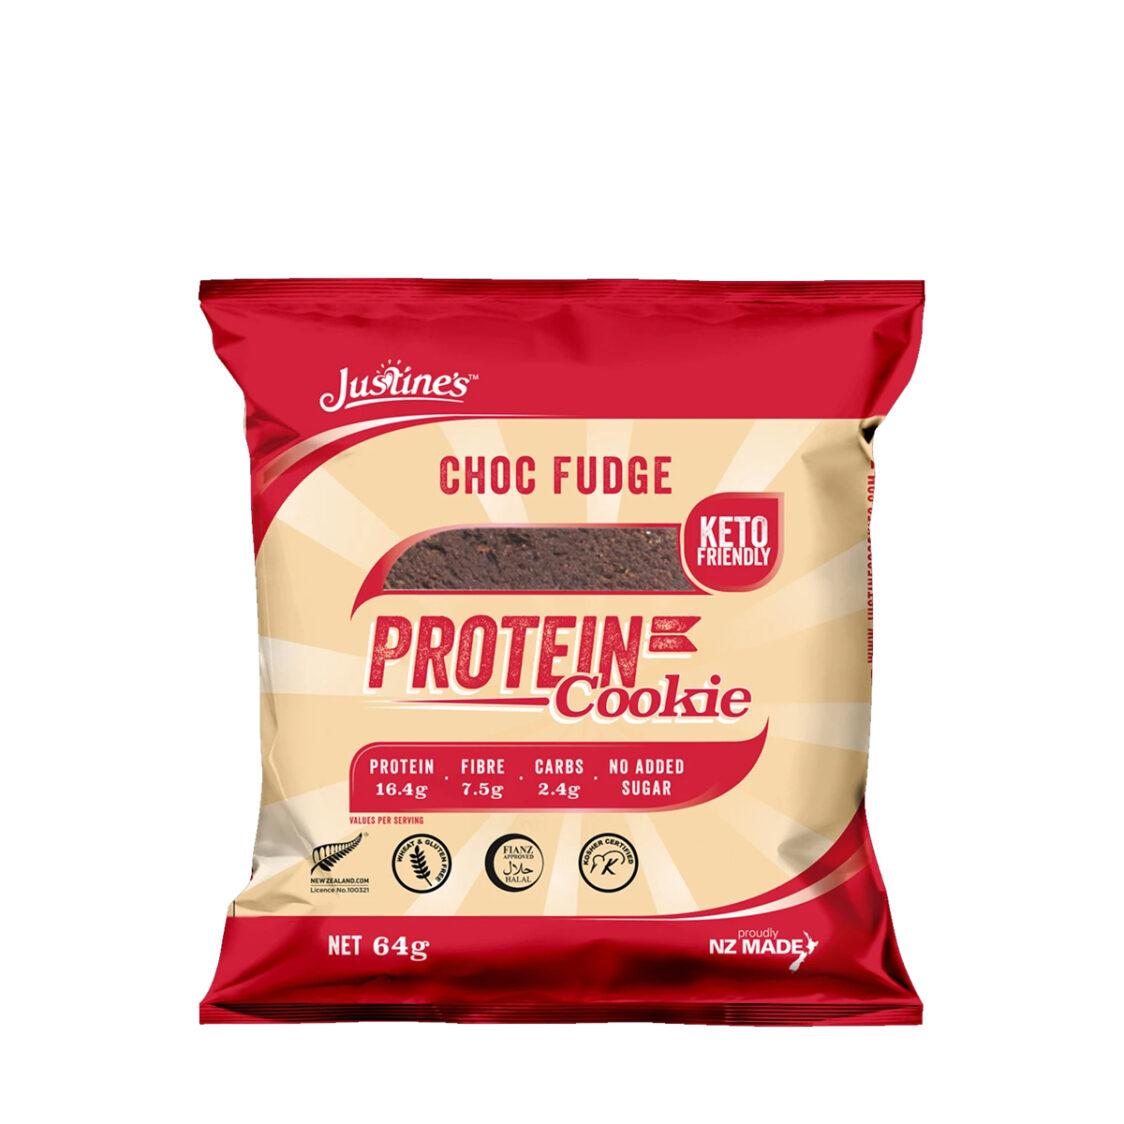 Justines Protein Cookie - Choc Fudge 12 Pcs